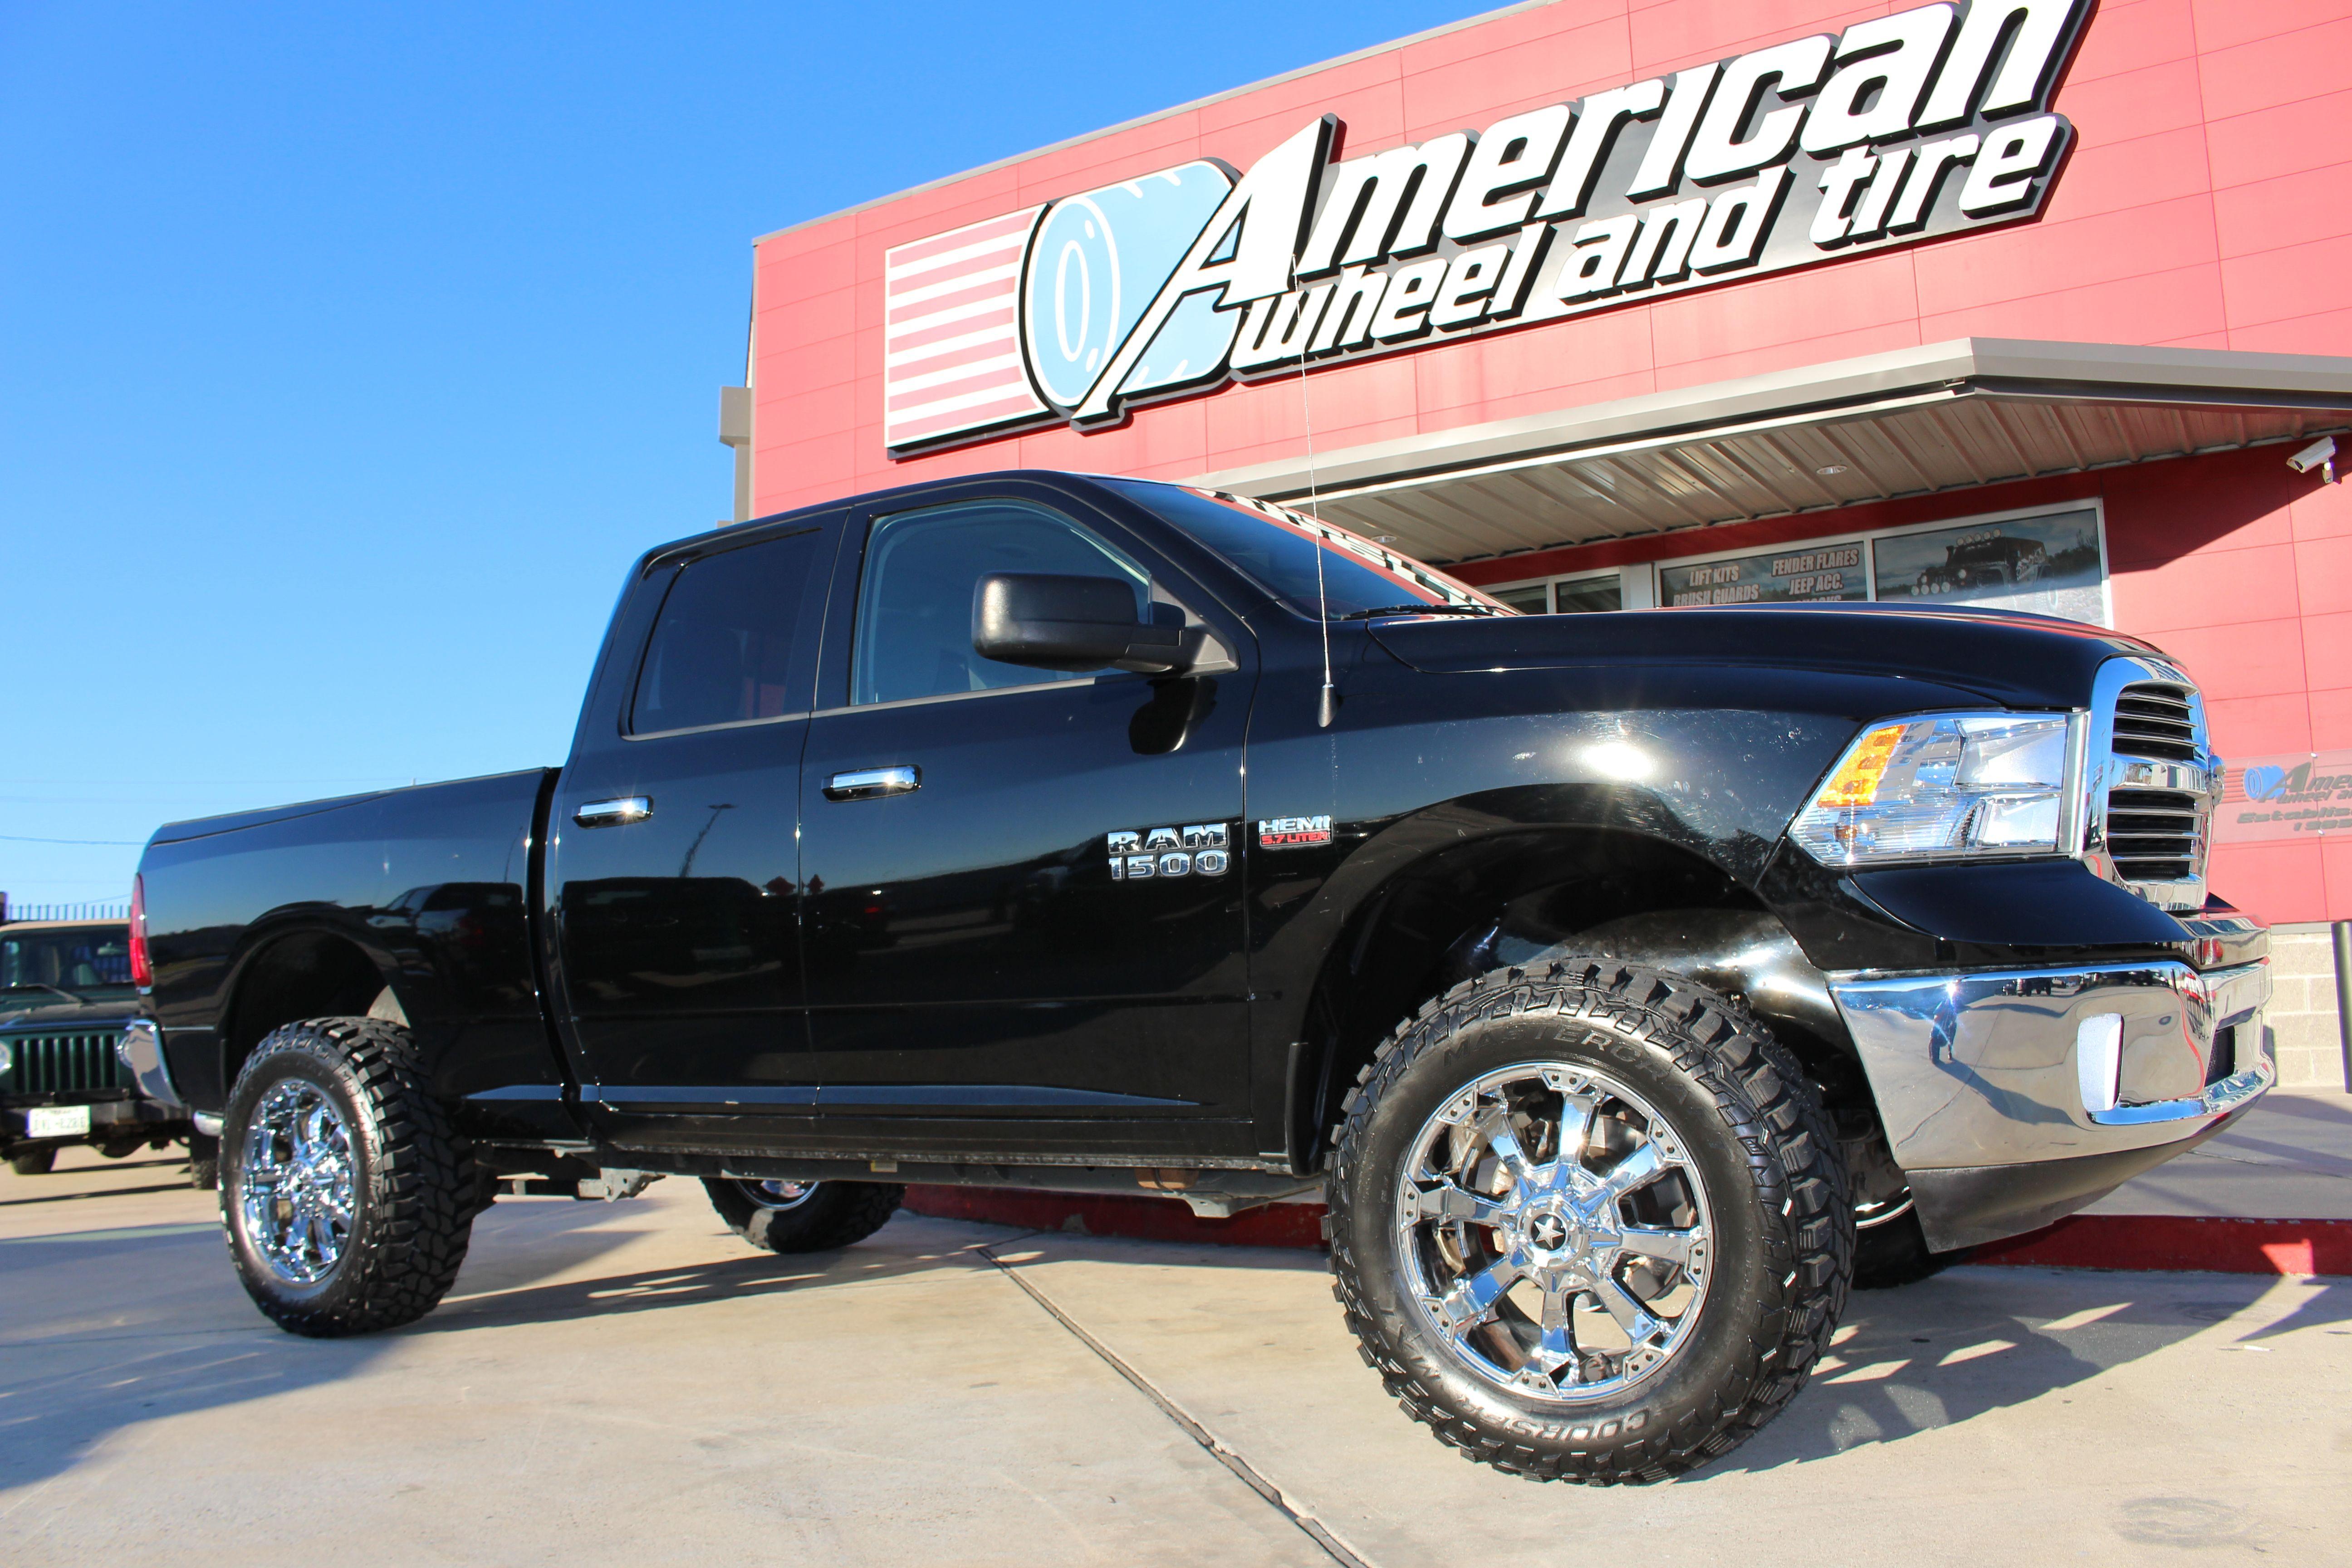 Pin By Zach Ward On Trucks In 2020 Dodge Ram 1500 Accessories Cool Trucks Trucks